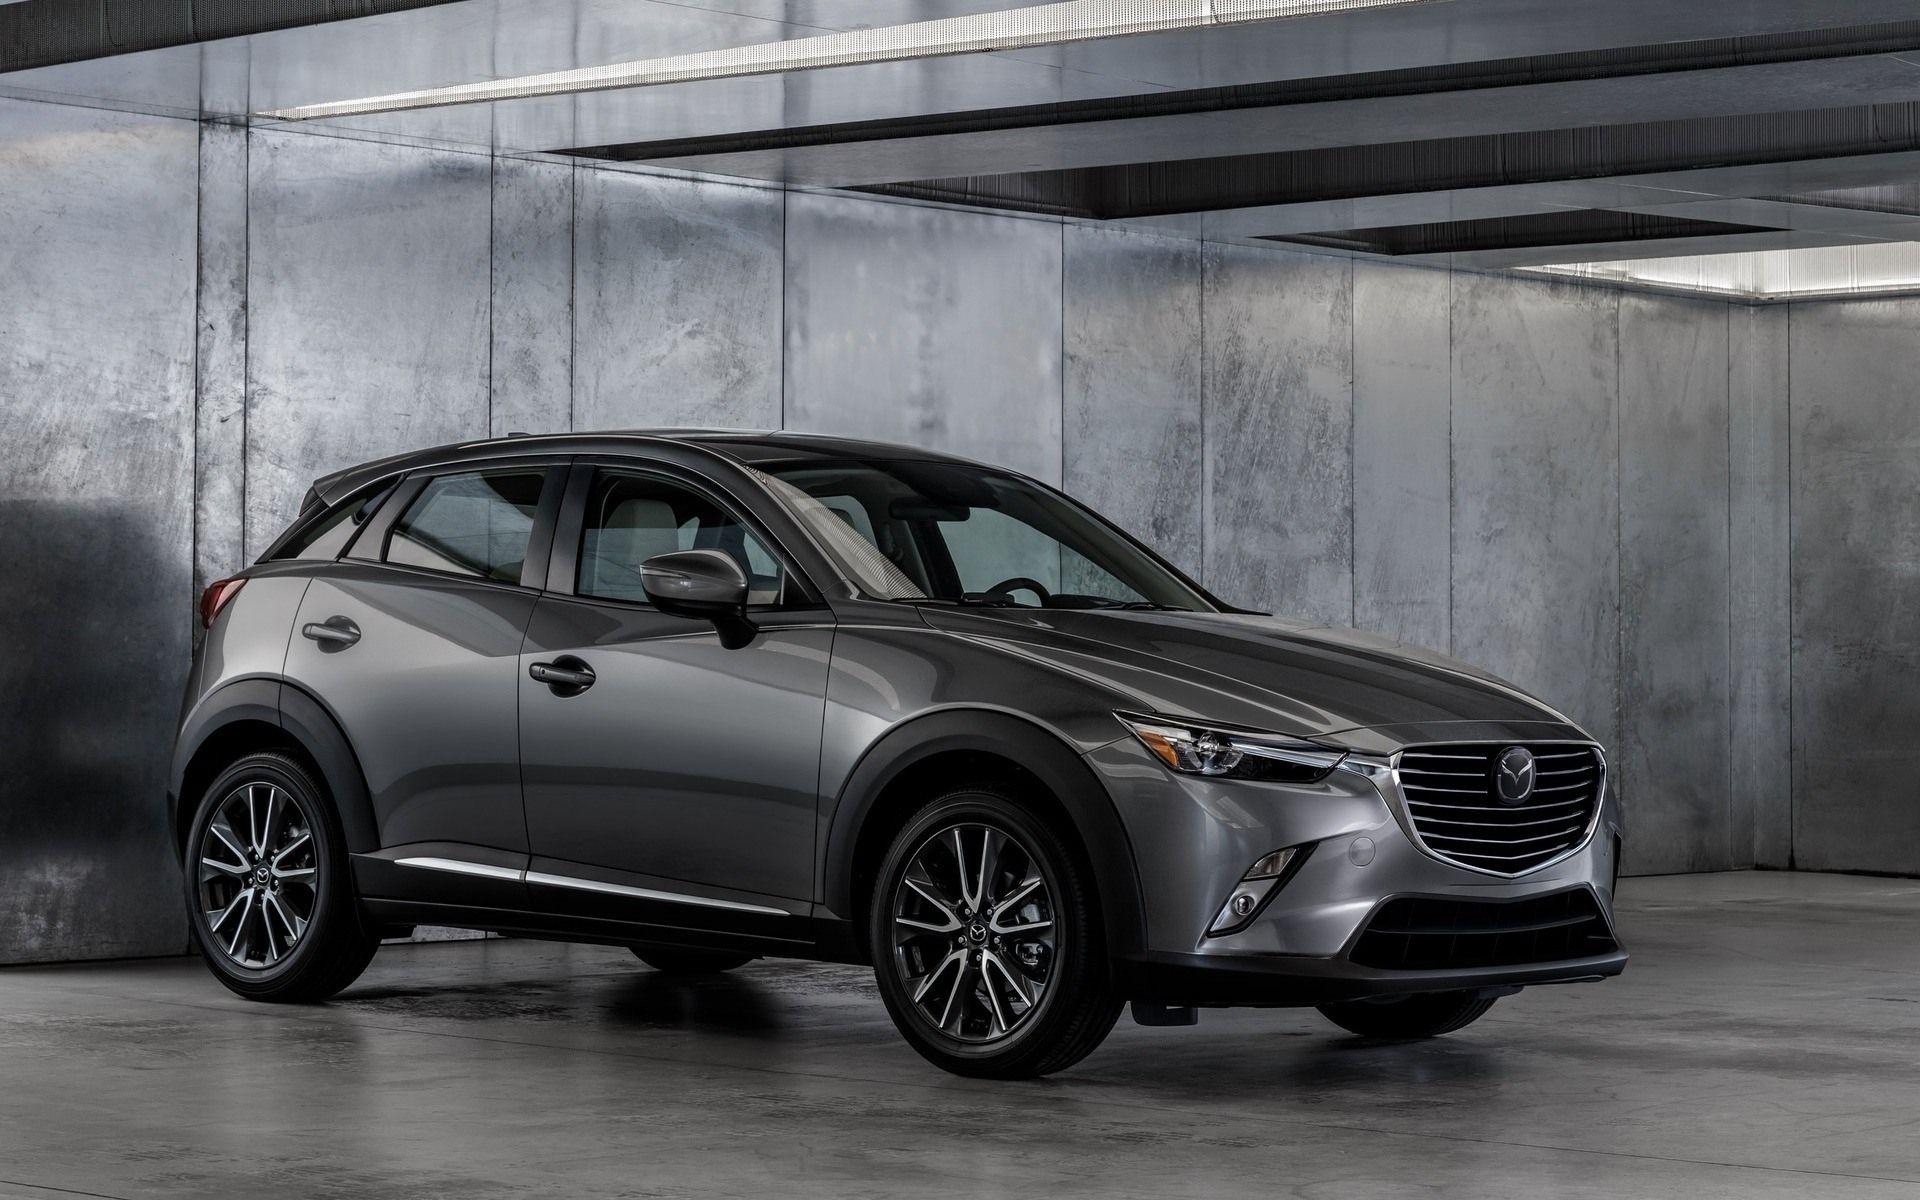 The 2018 Mazda Cx 3 First Drive Mazda Cx3 Mazda Car Guide